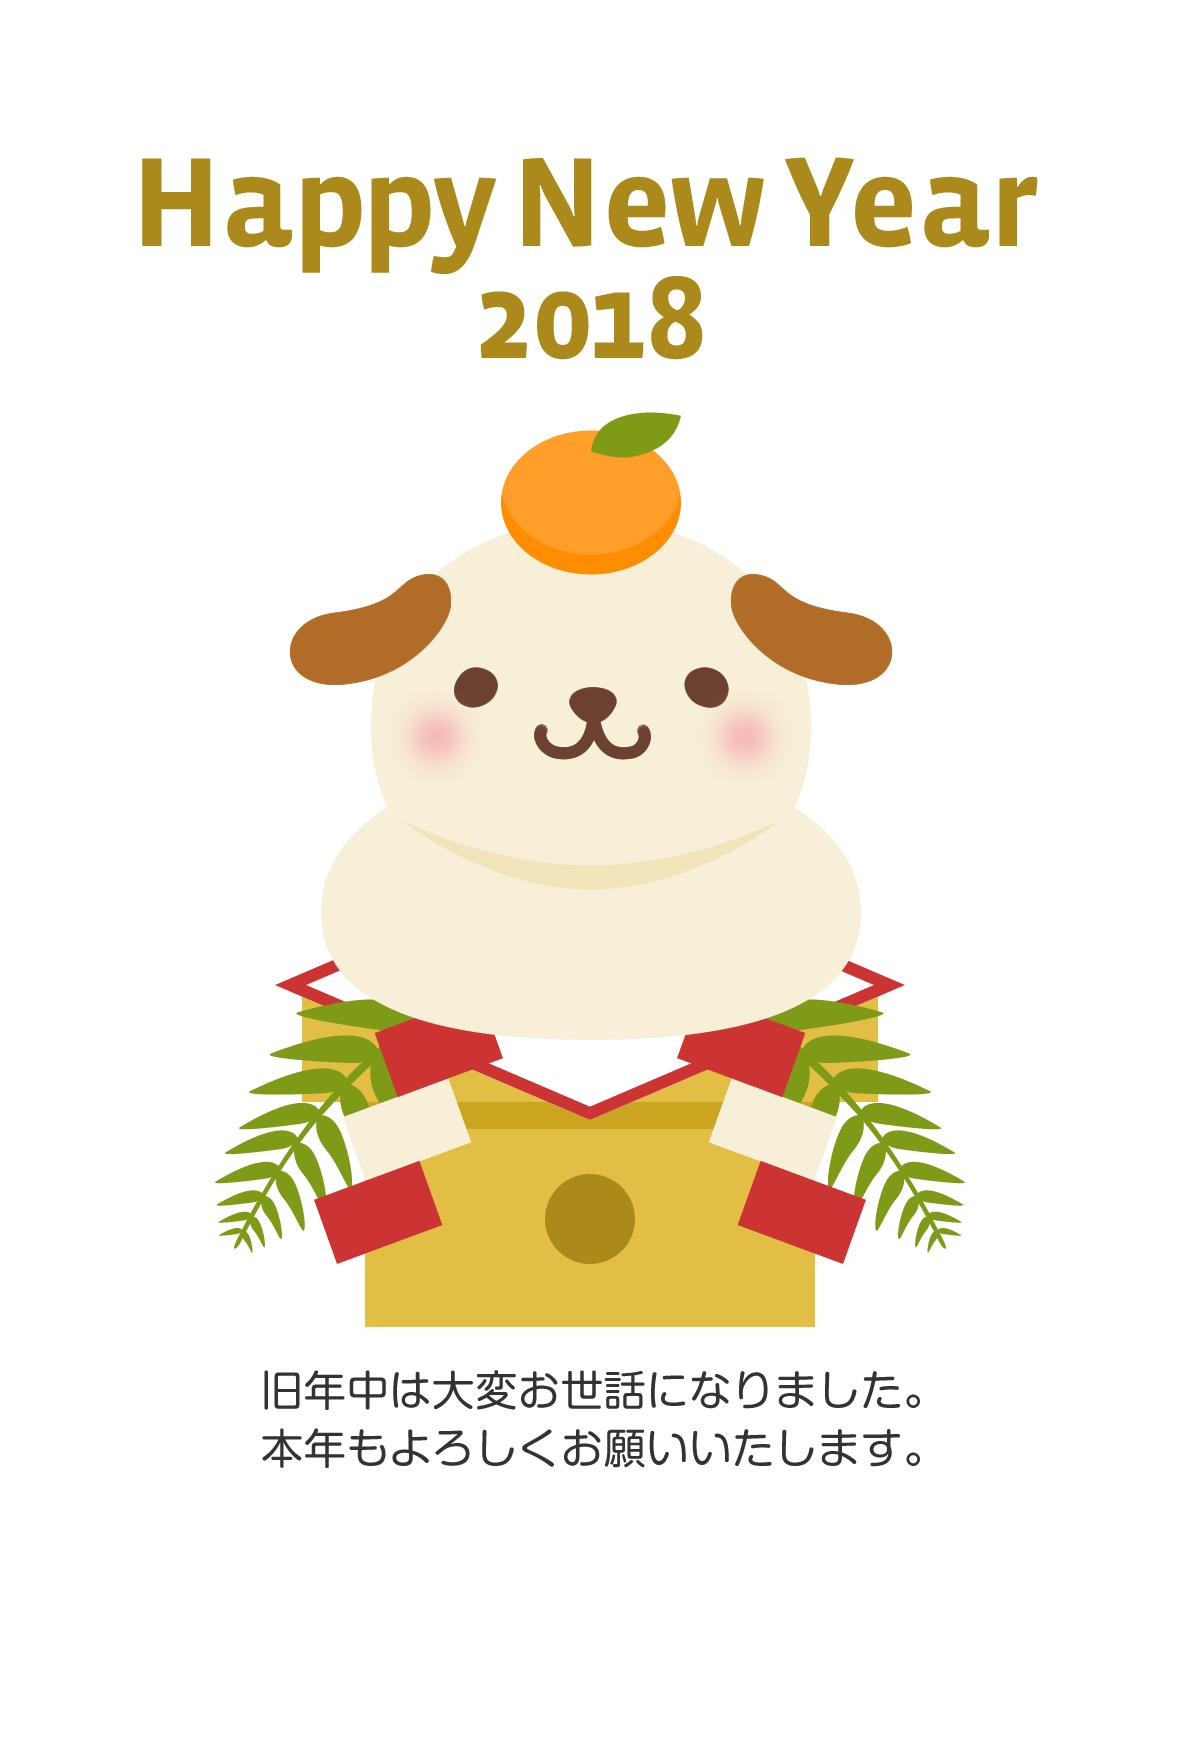 [年賀状2018無料テンプレート]鏡餅になった犬